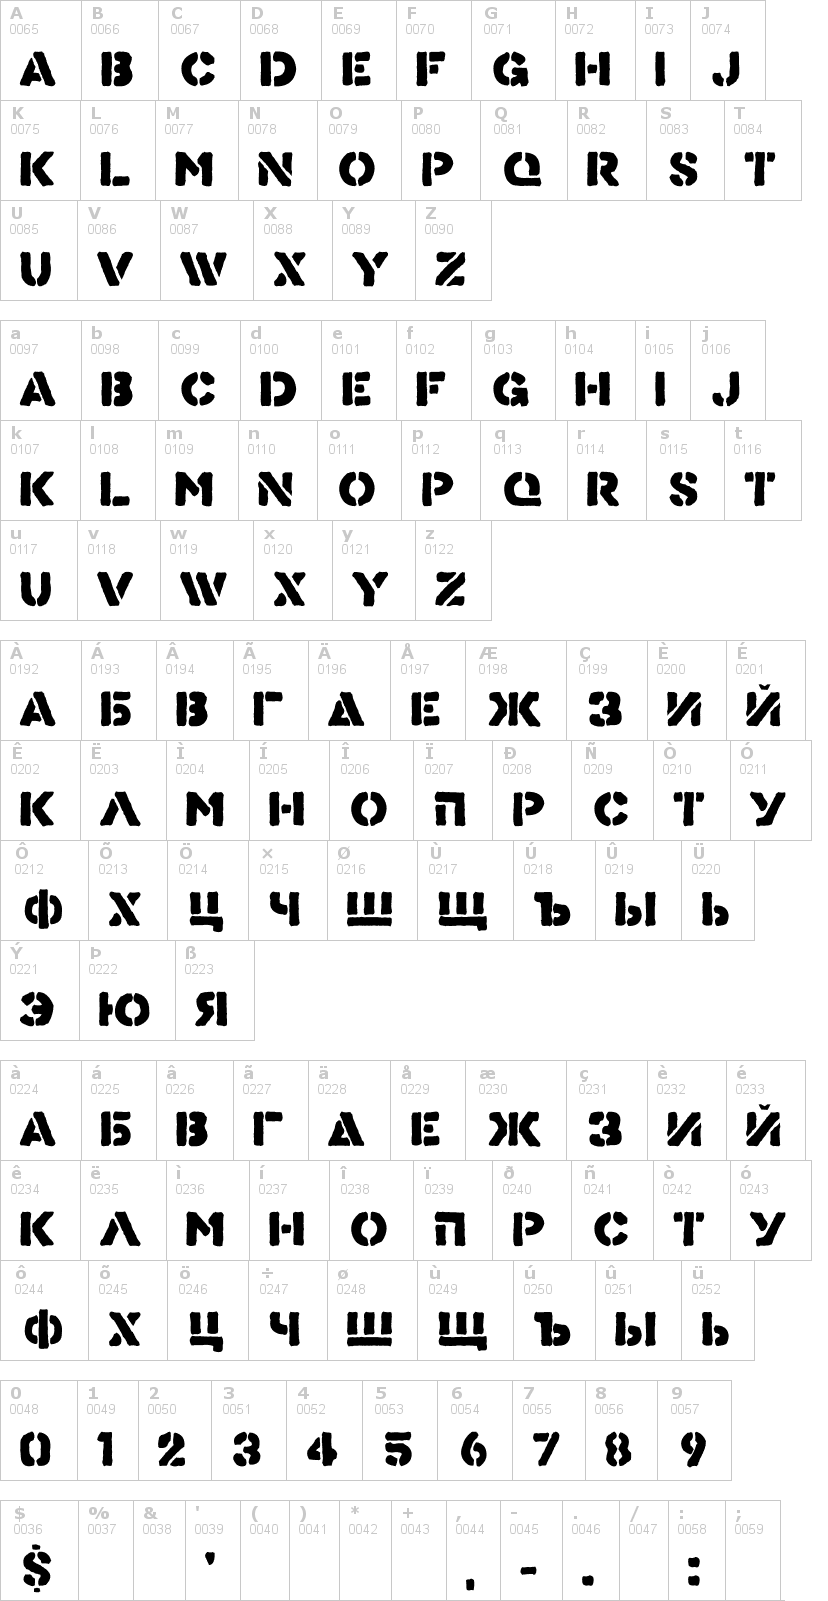 Lettere dell'alfabeto del font know-your-product con le quali è possibile realizzare adesivi prespaziati